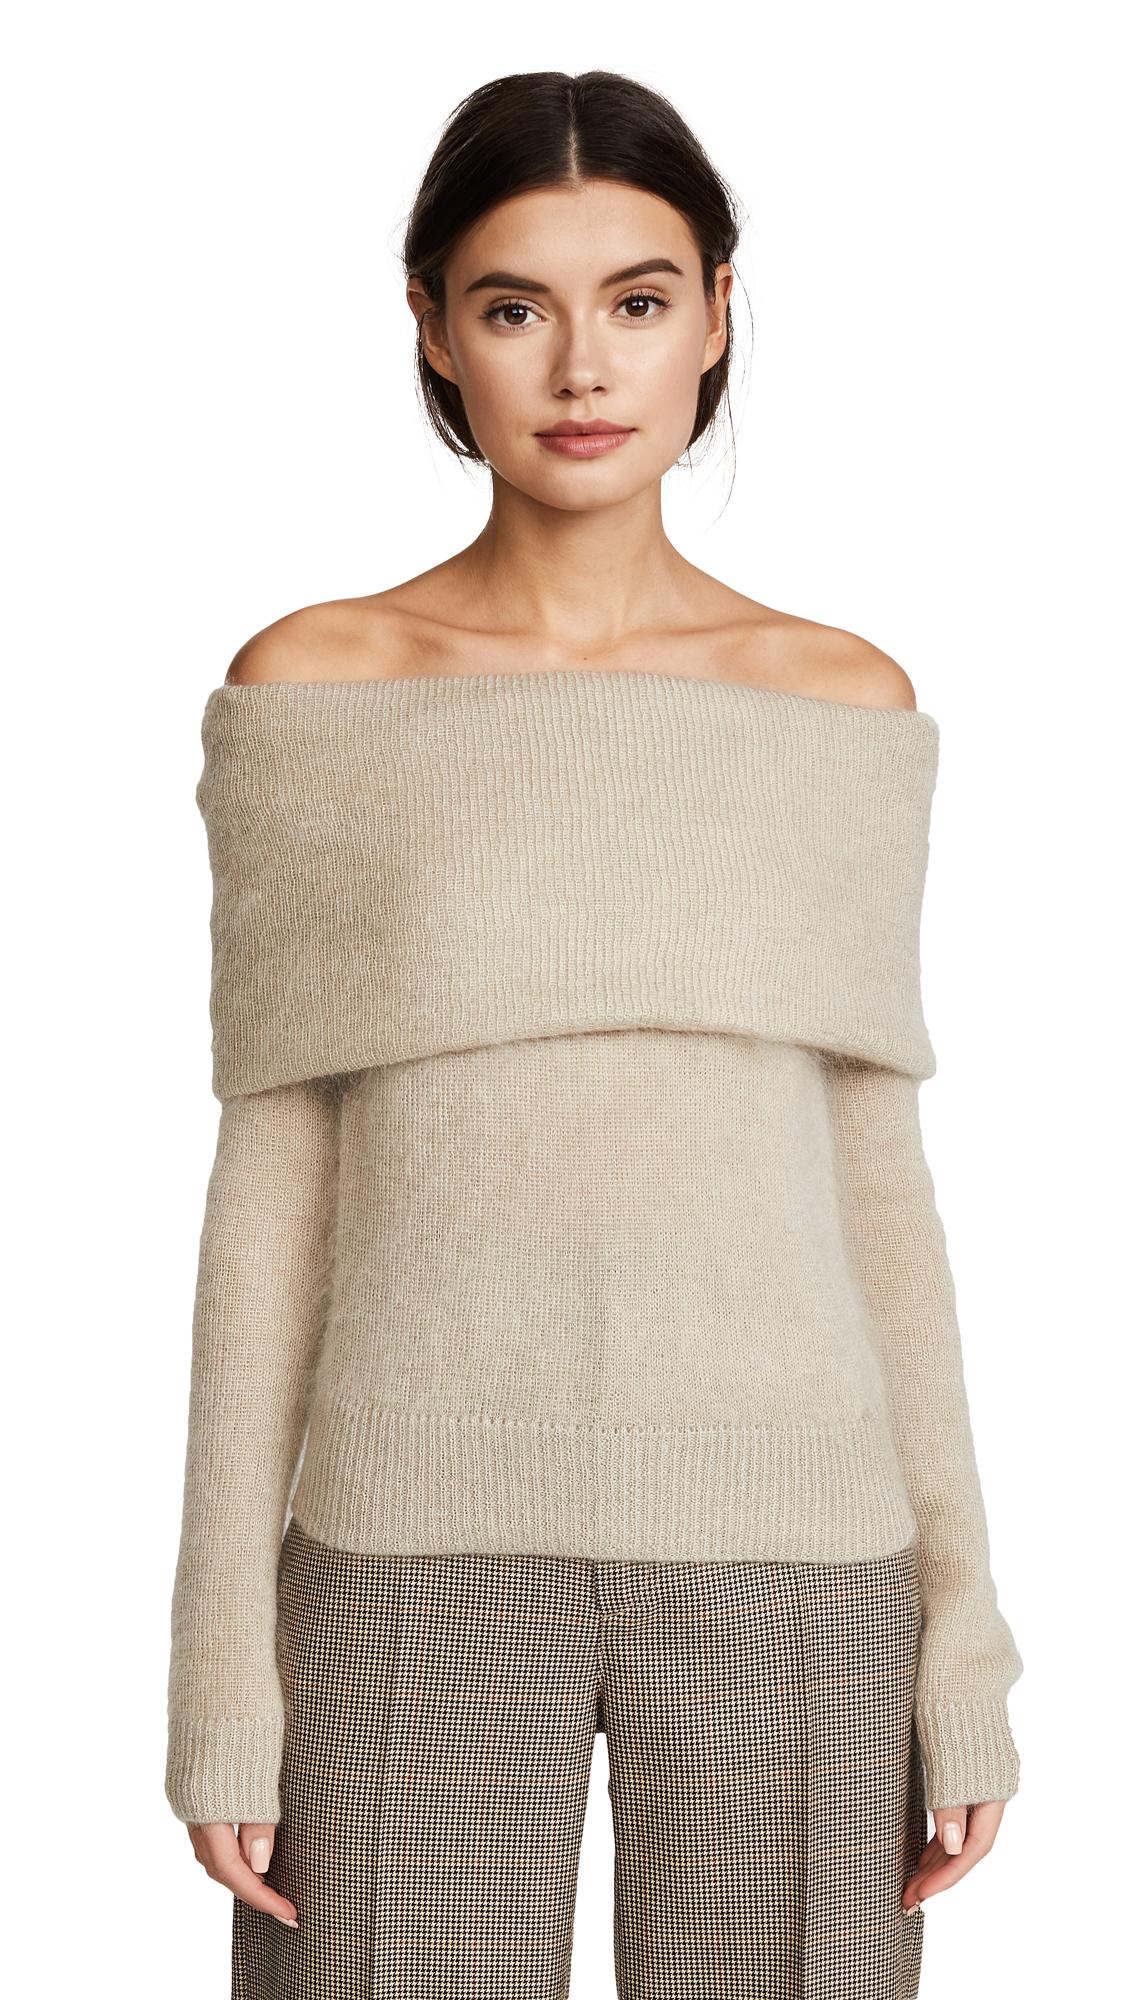 Rag & Bone Mimi Sweater - Mink